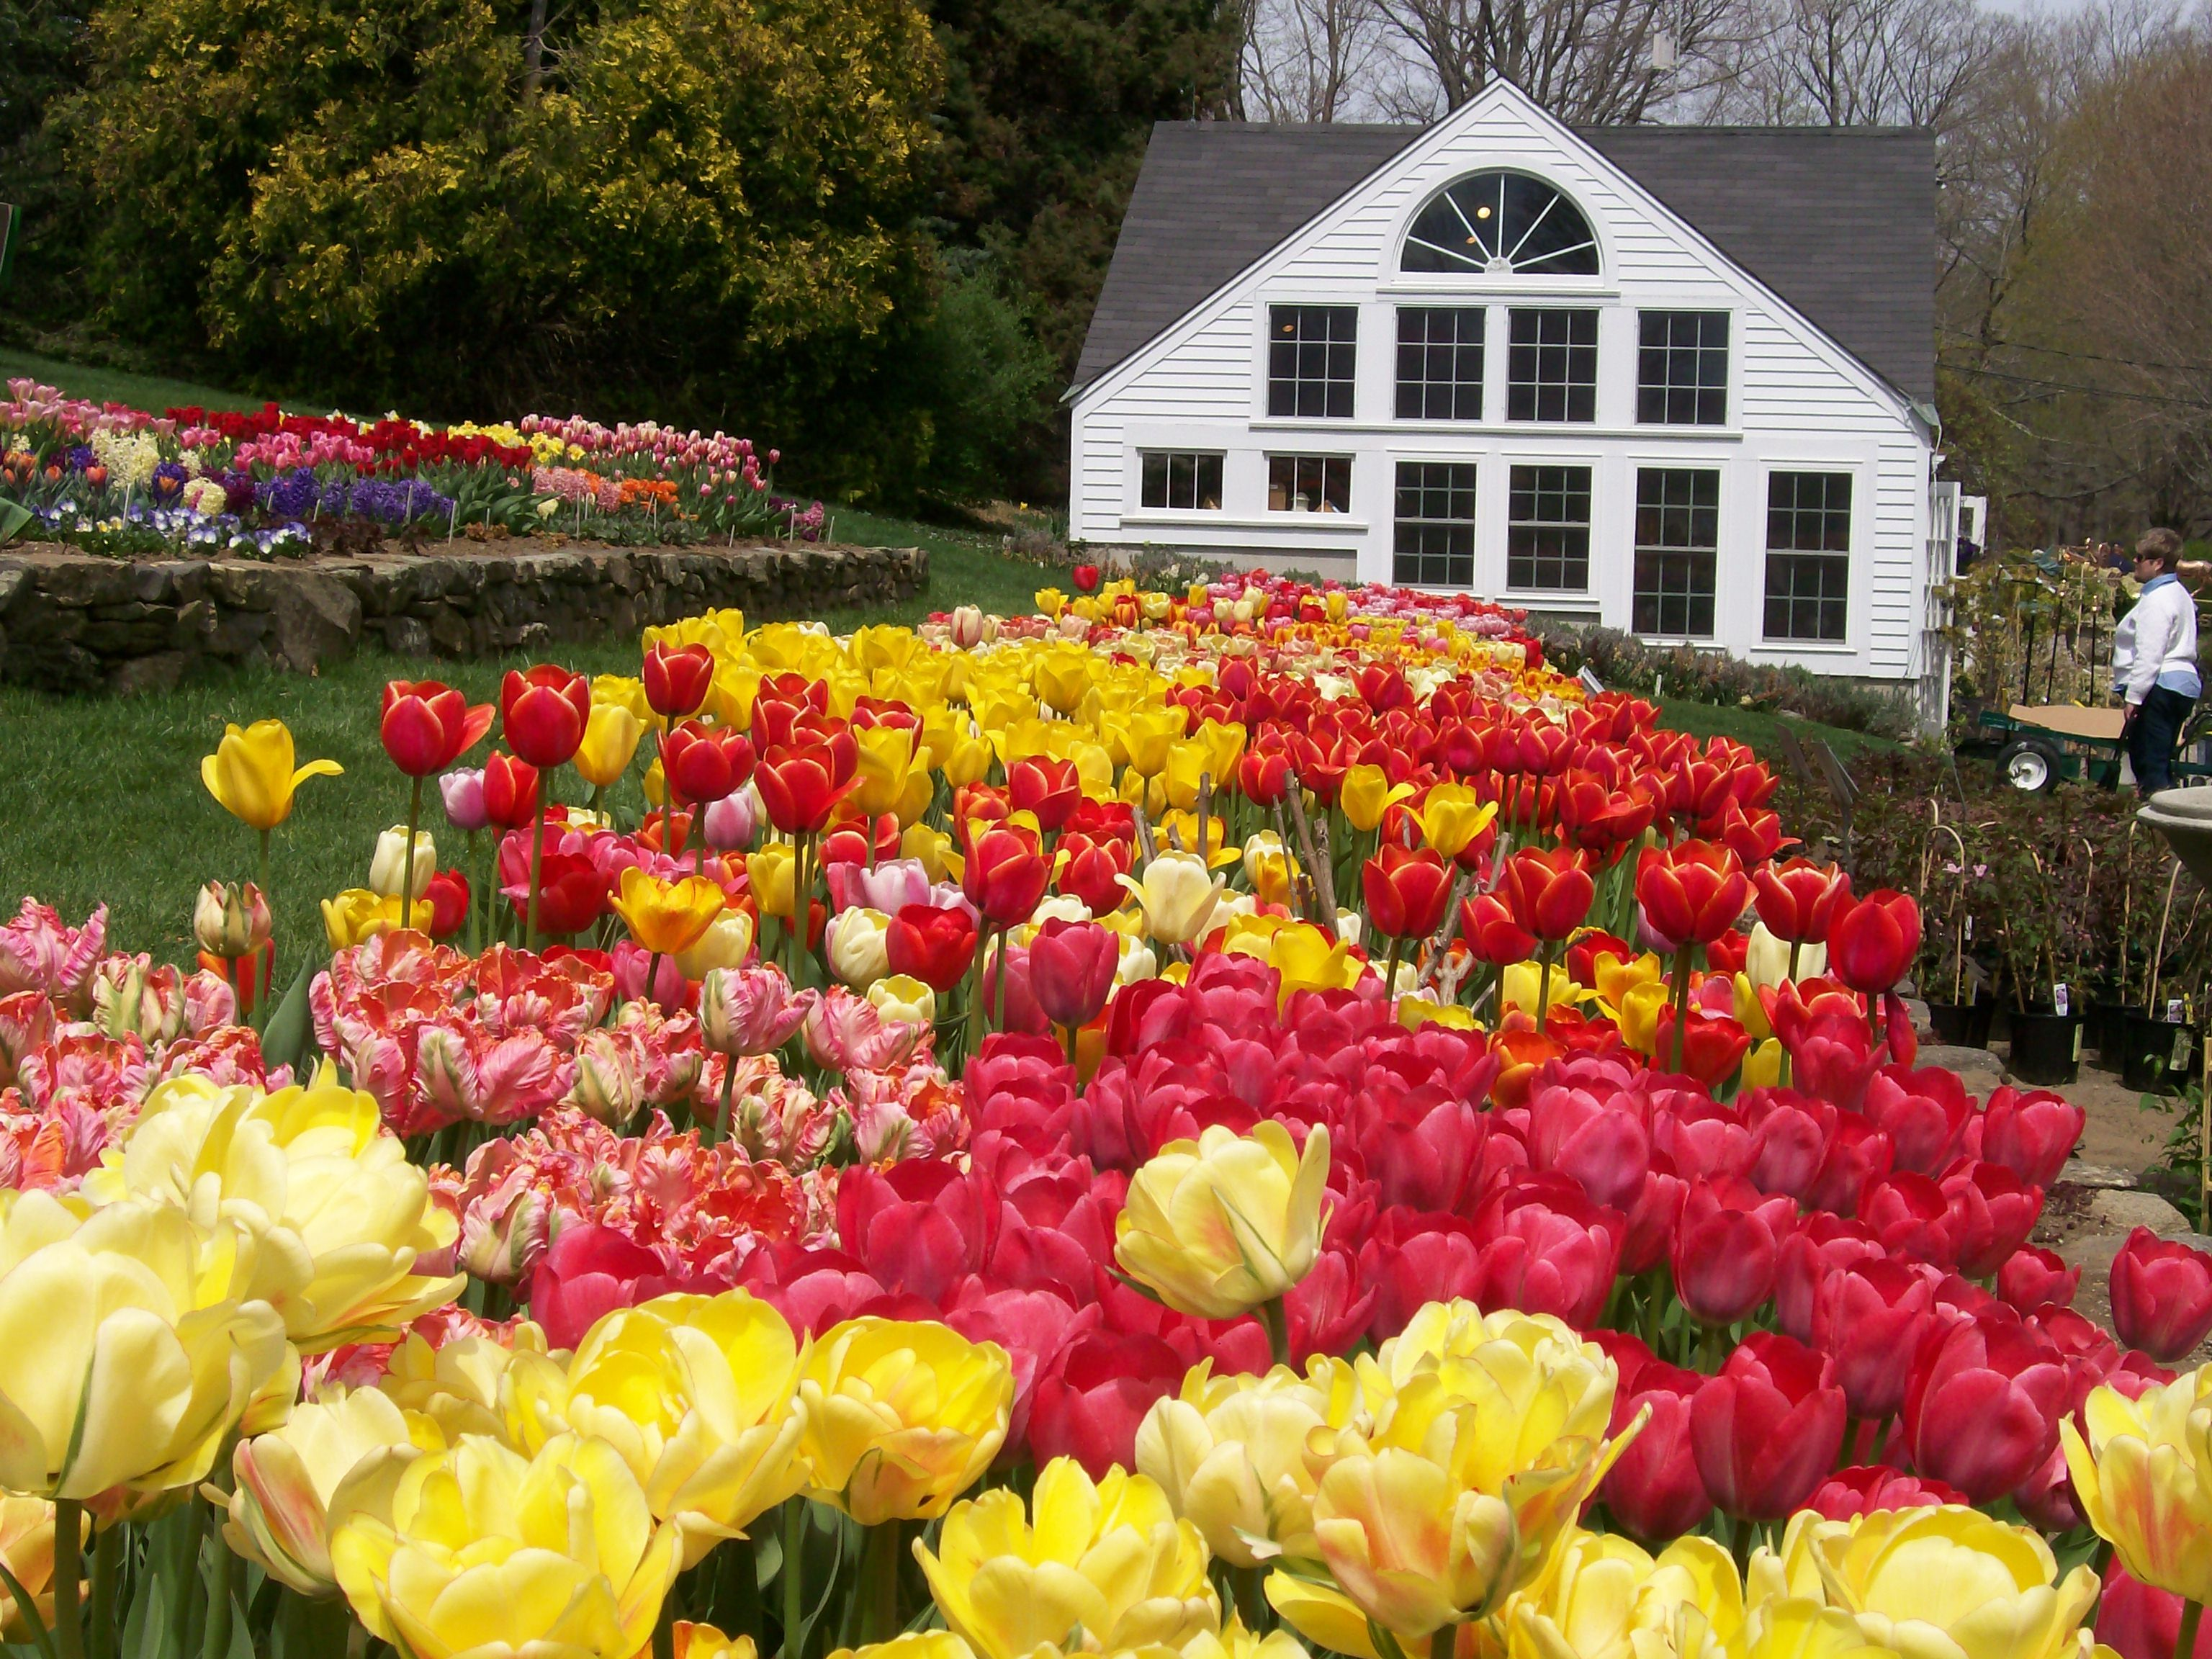 White Flower Farm Route 63 Litchfield Connecticut White Flower Farm Litchfield New England